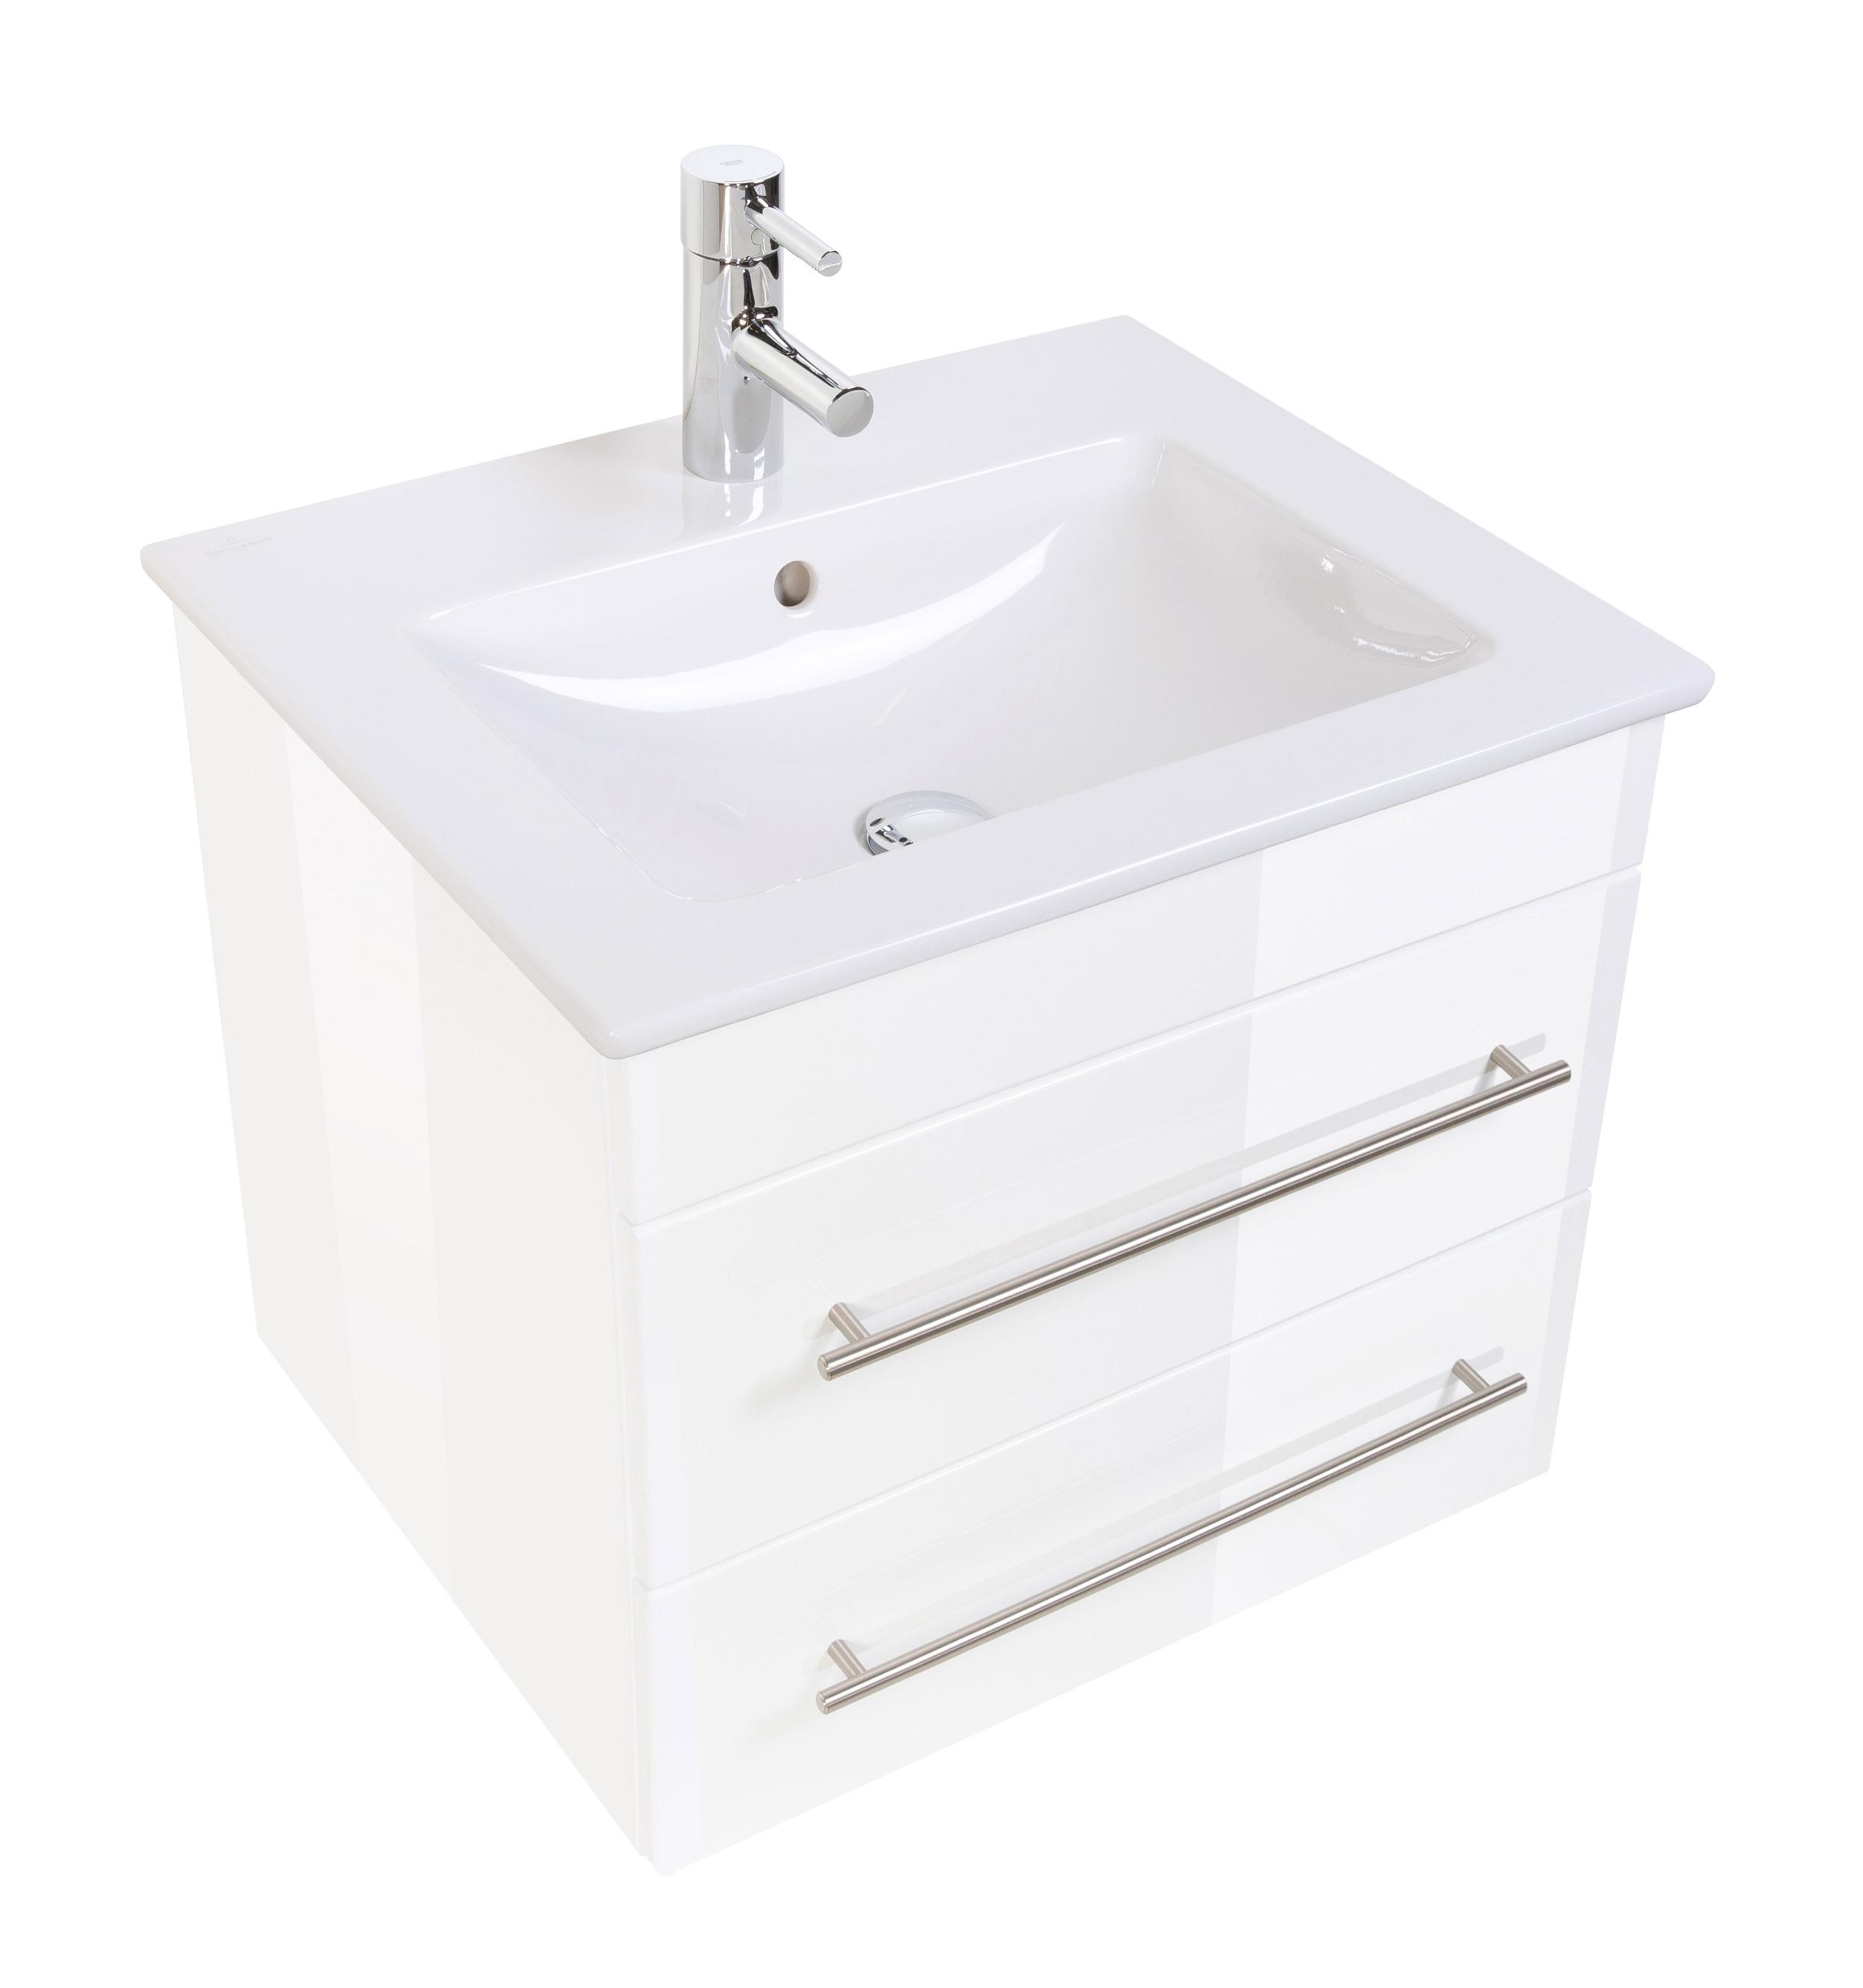 bad waschtisch mit villeroy boch becken venticello 60 cm breit wei bad waschtische. Black Bedroom Furniture Sets. Home Design Ideas